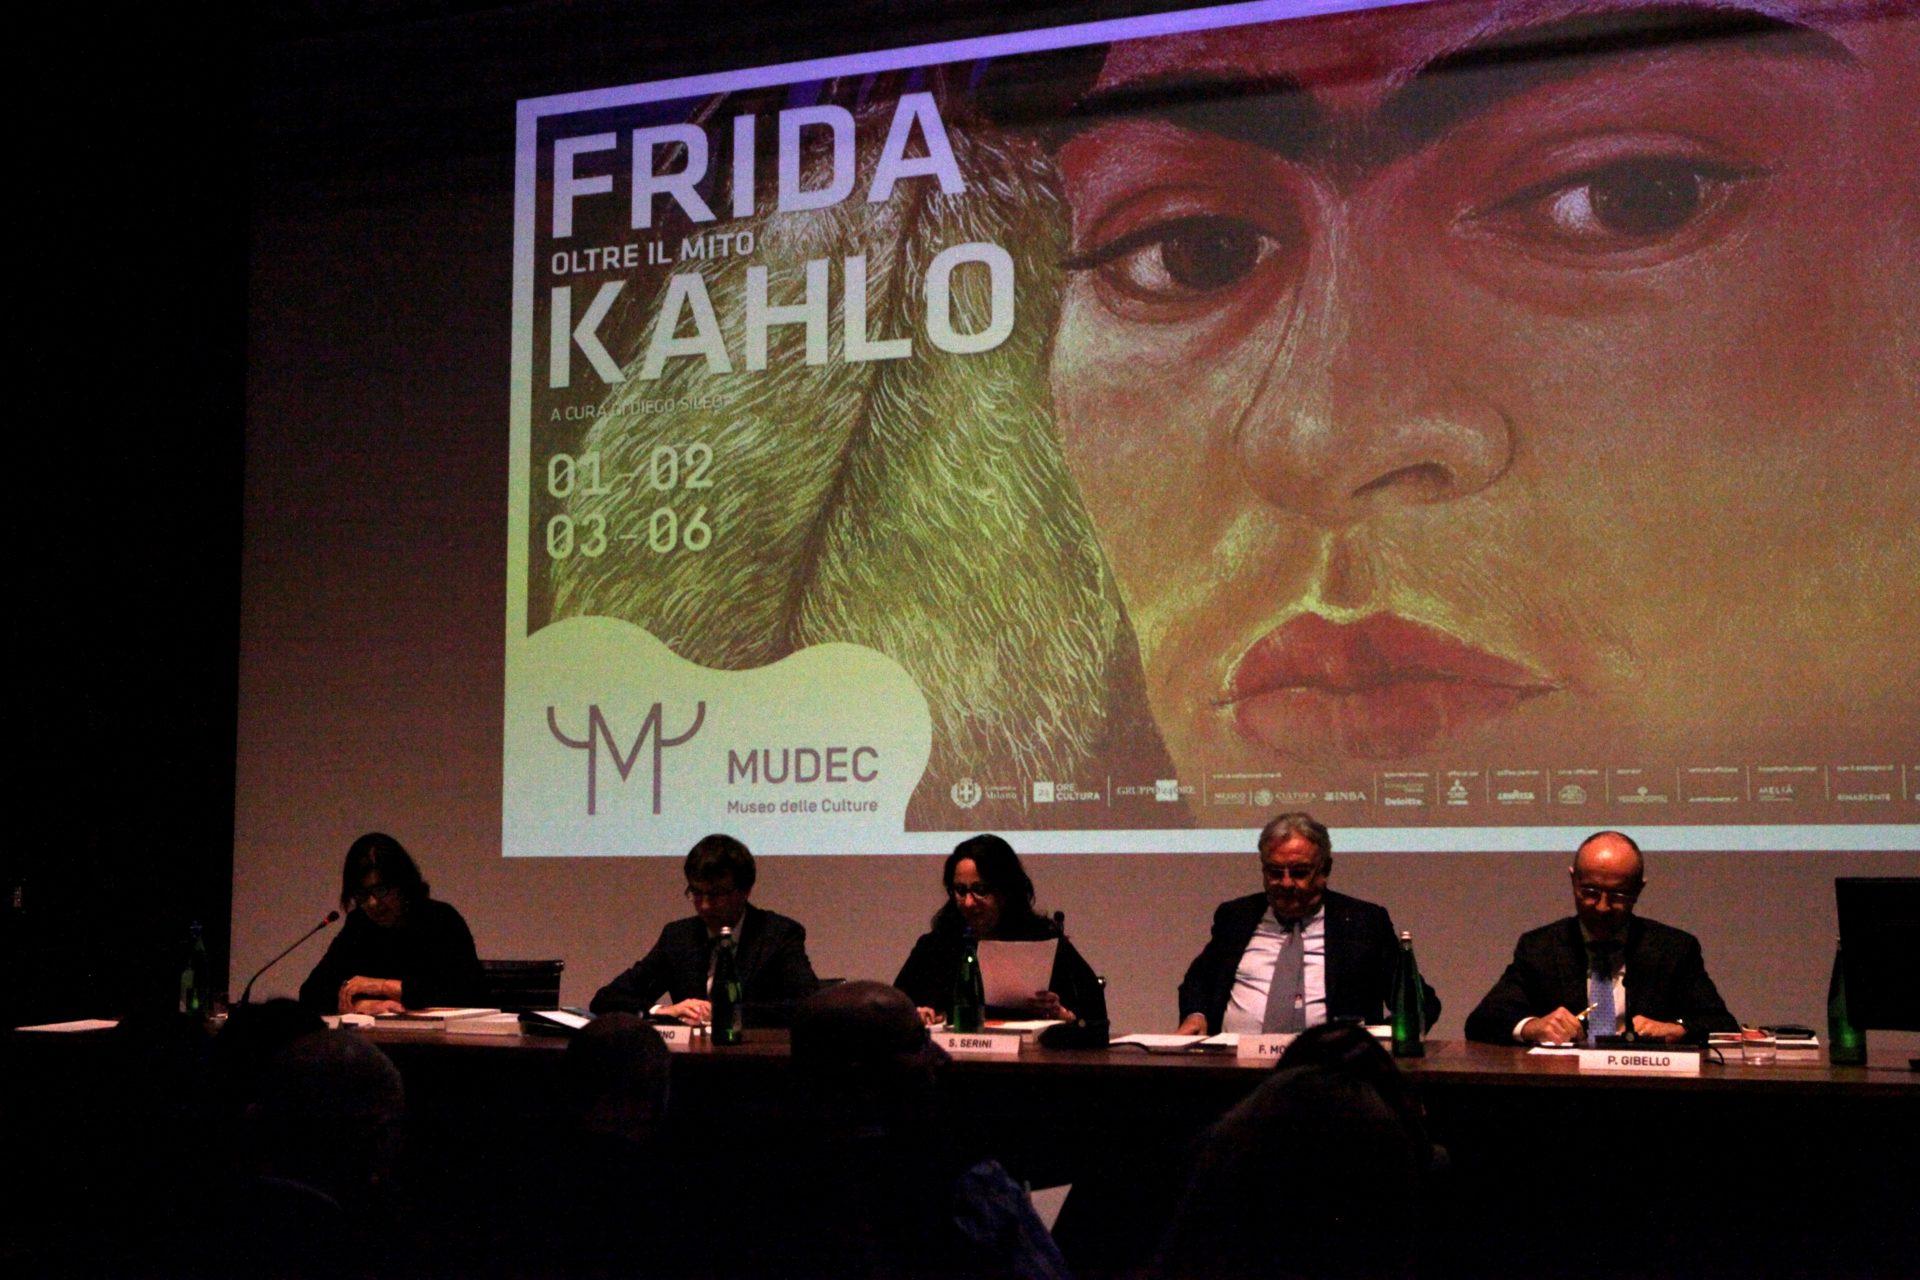 """Se inauguró en Milán la muestra sobre """"Frida Kahlo. Oltre il mito"""""""